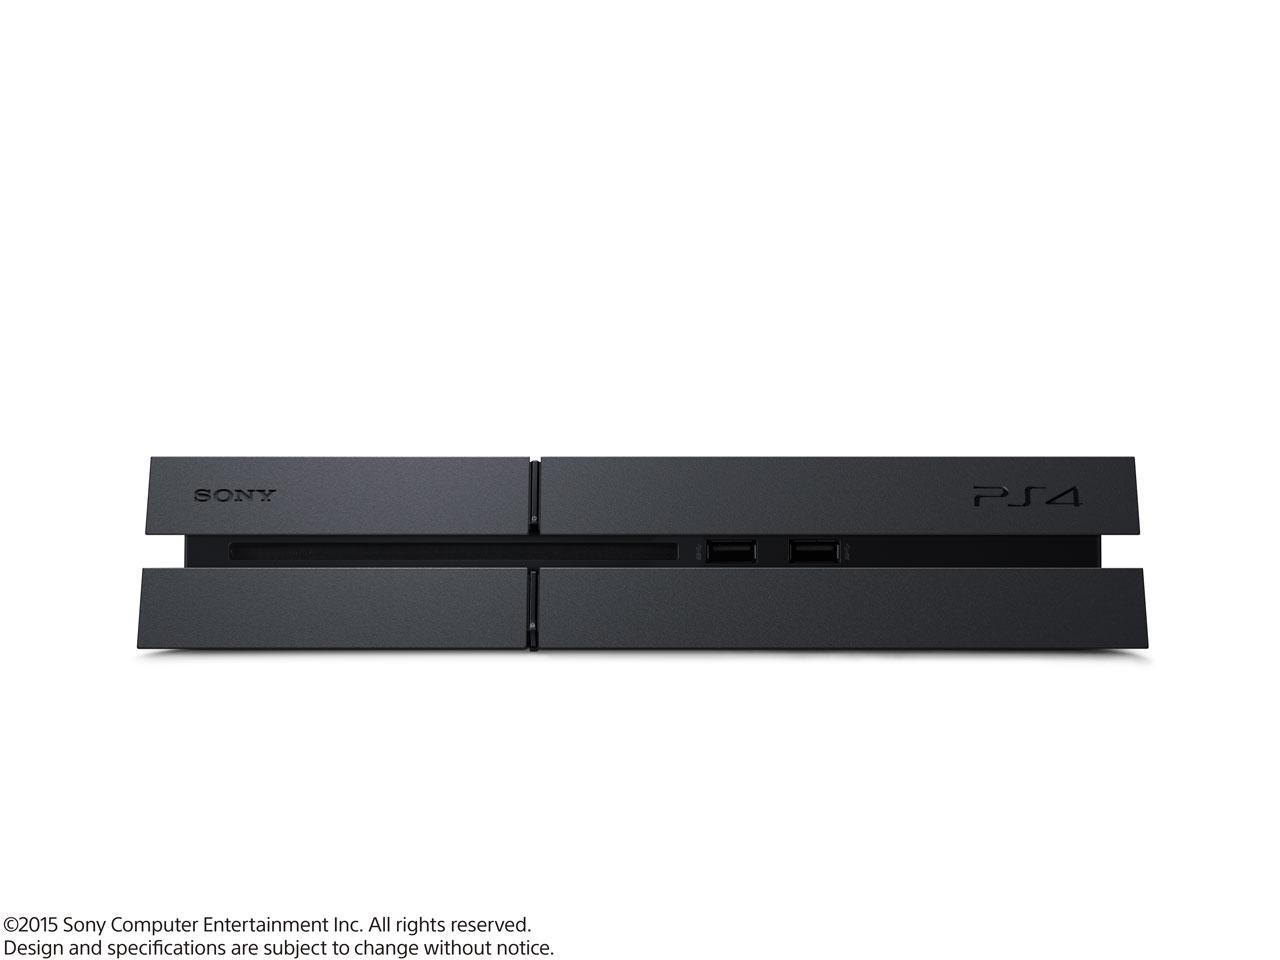 『本体 横置き 正面』 プレイステーション4 HDD 500GB ジェット・ブラック CUH-1200AB01 の製品画像